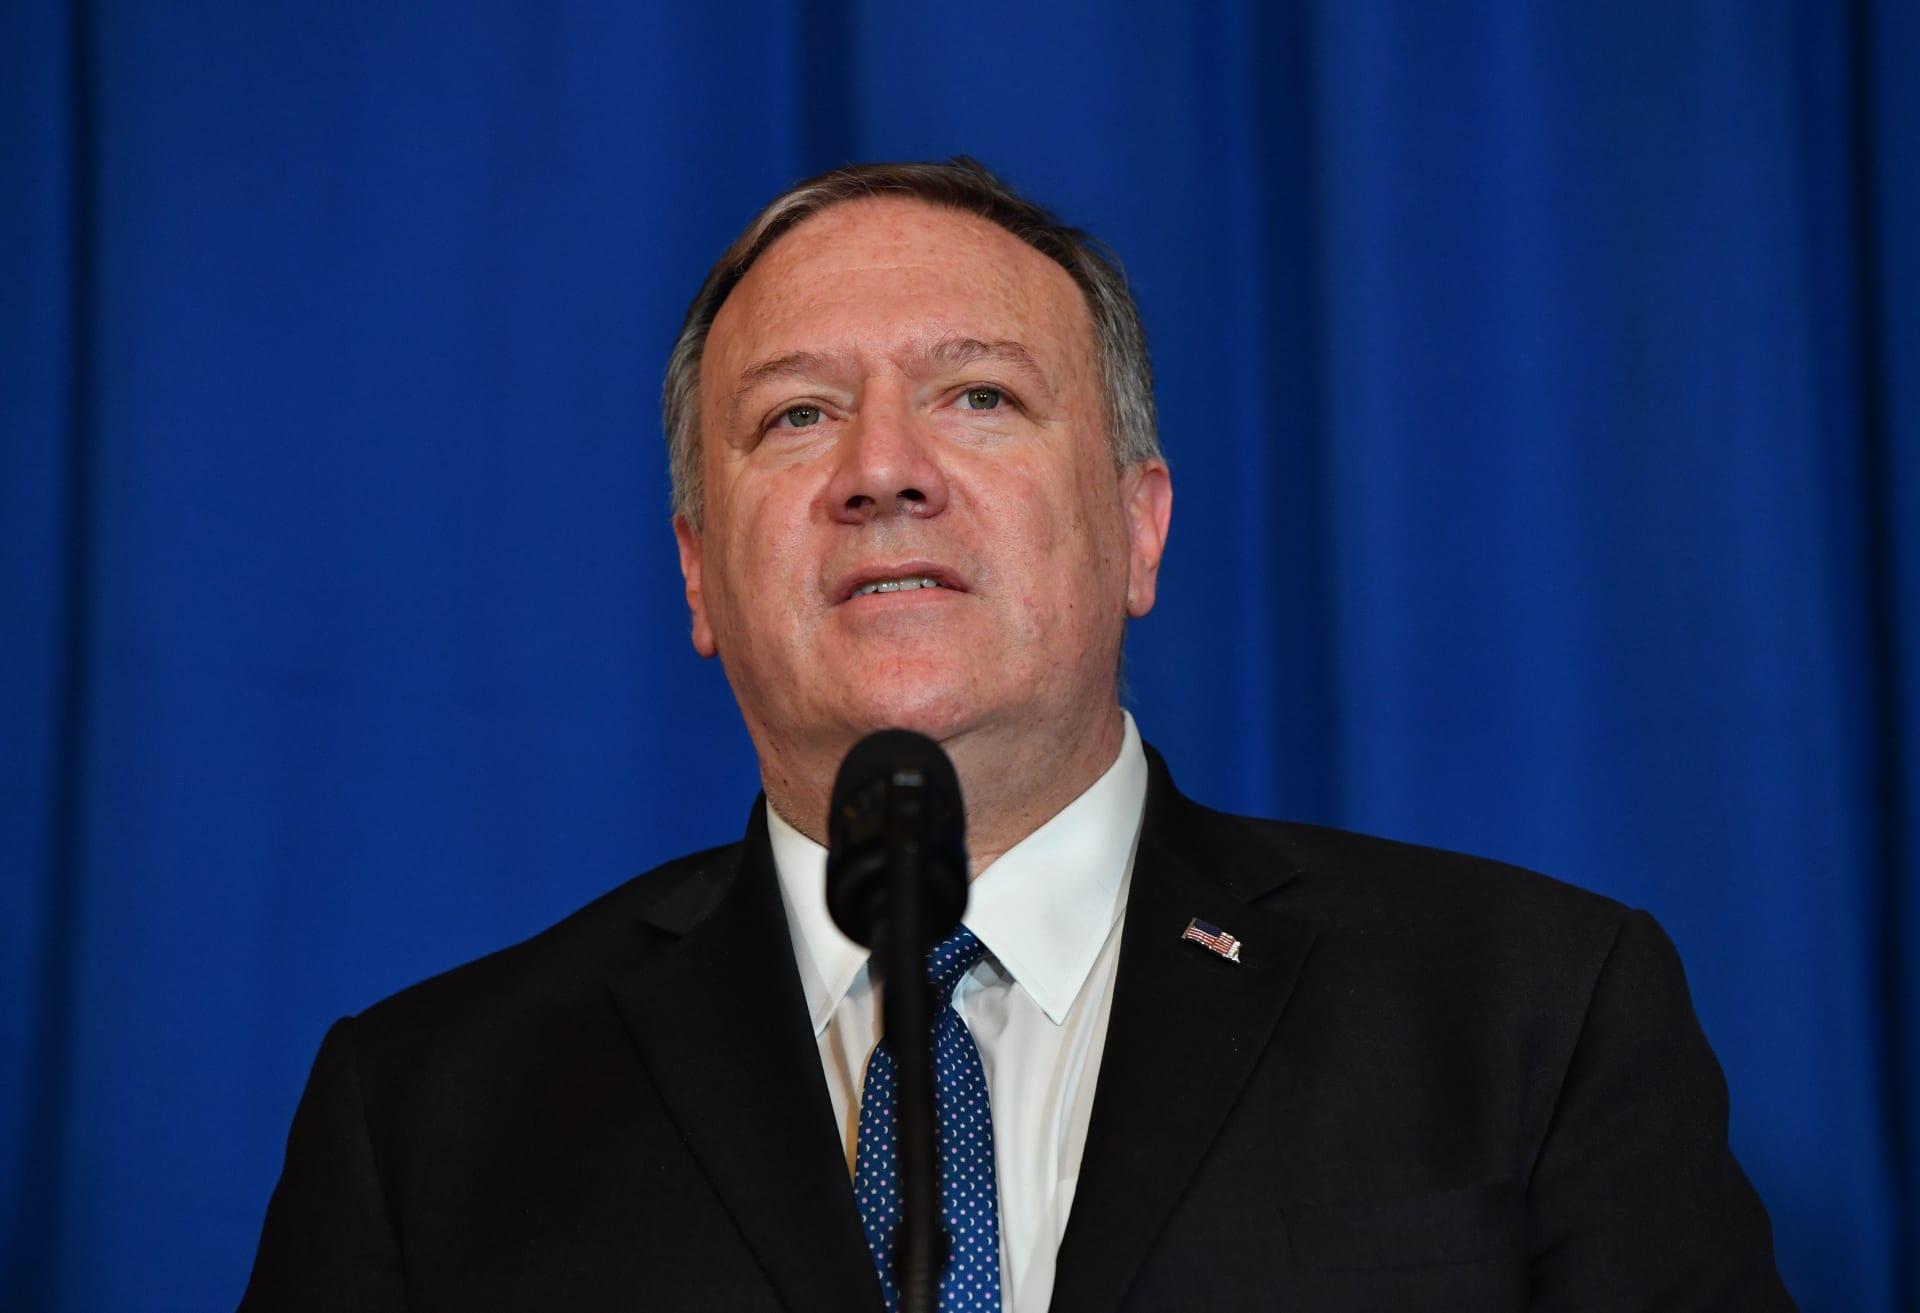 واشنطن: نُشعر بخيبة أمل تجاه قرار البرلمان العراقي بشأن الوجود الأمريكي